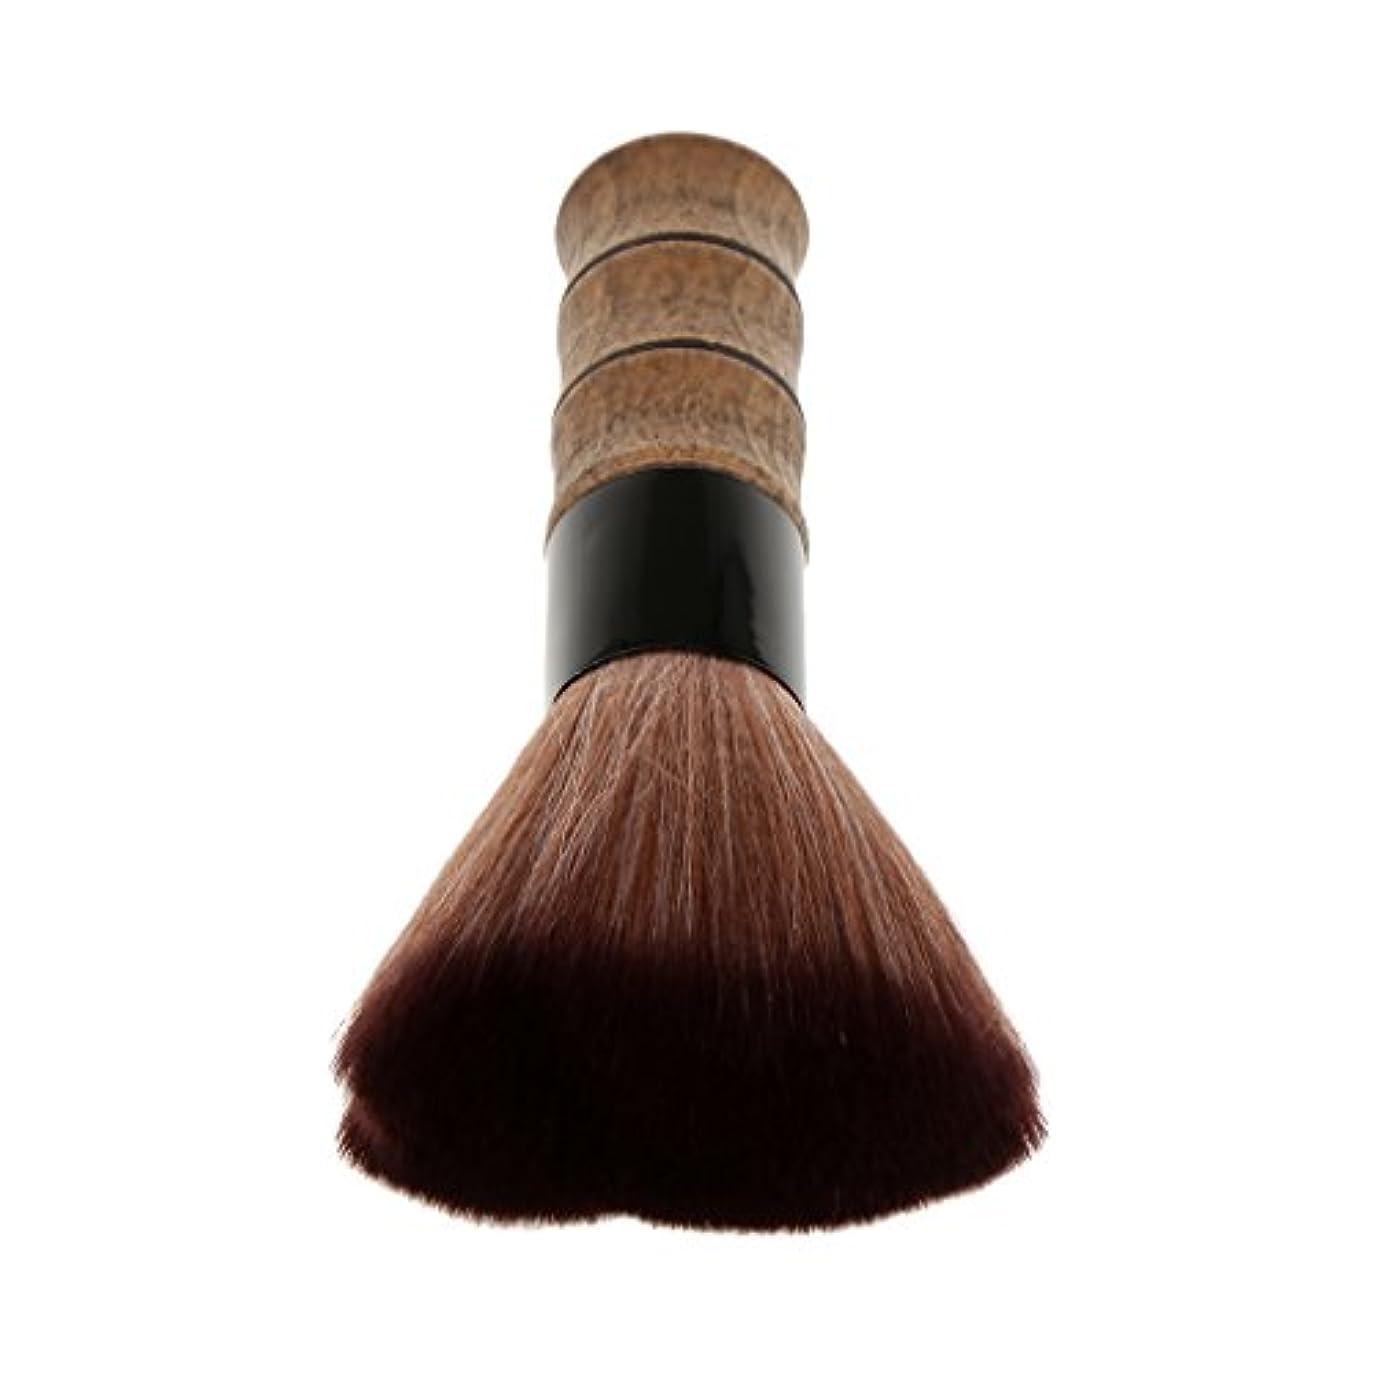 トリクル迷信別々に顔の首の毛の切断の塵の剃るブラシの顔の赤面の粉の構造のブラシ - 褐色